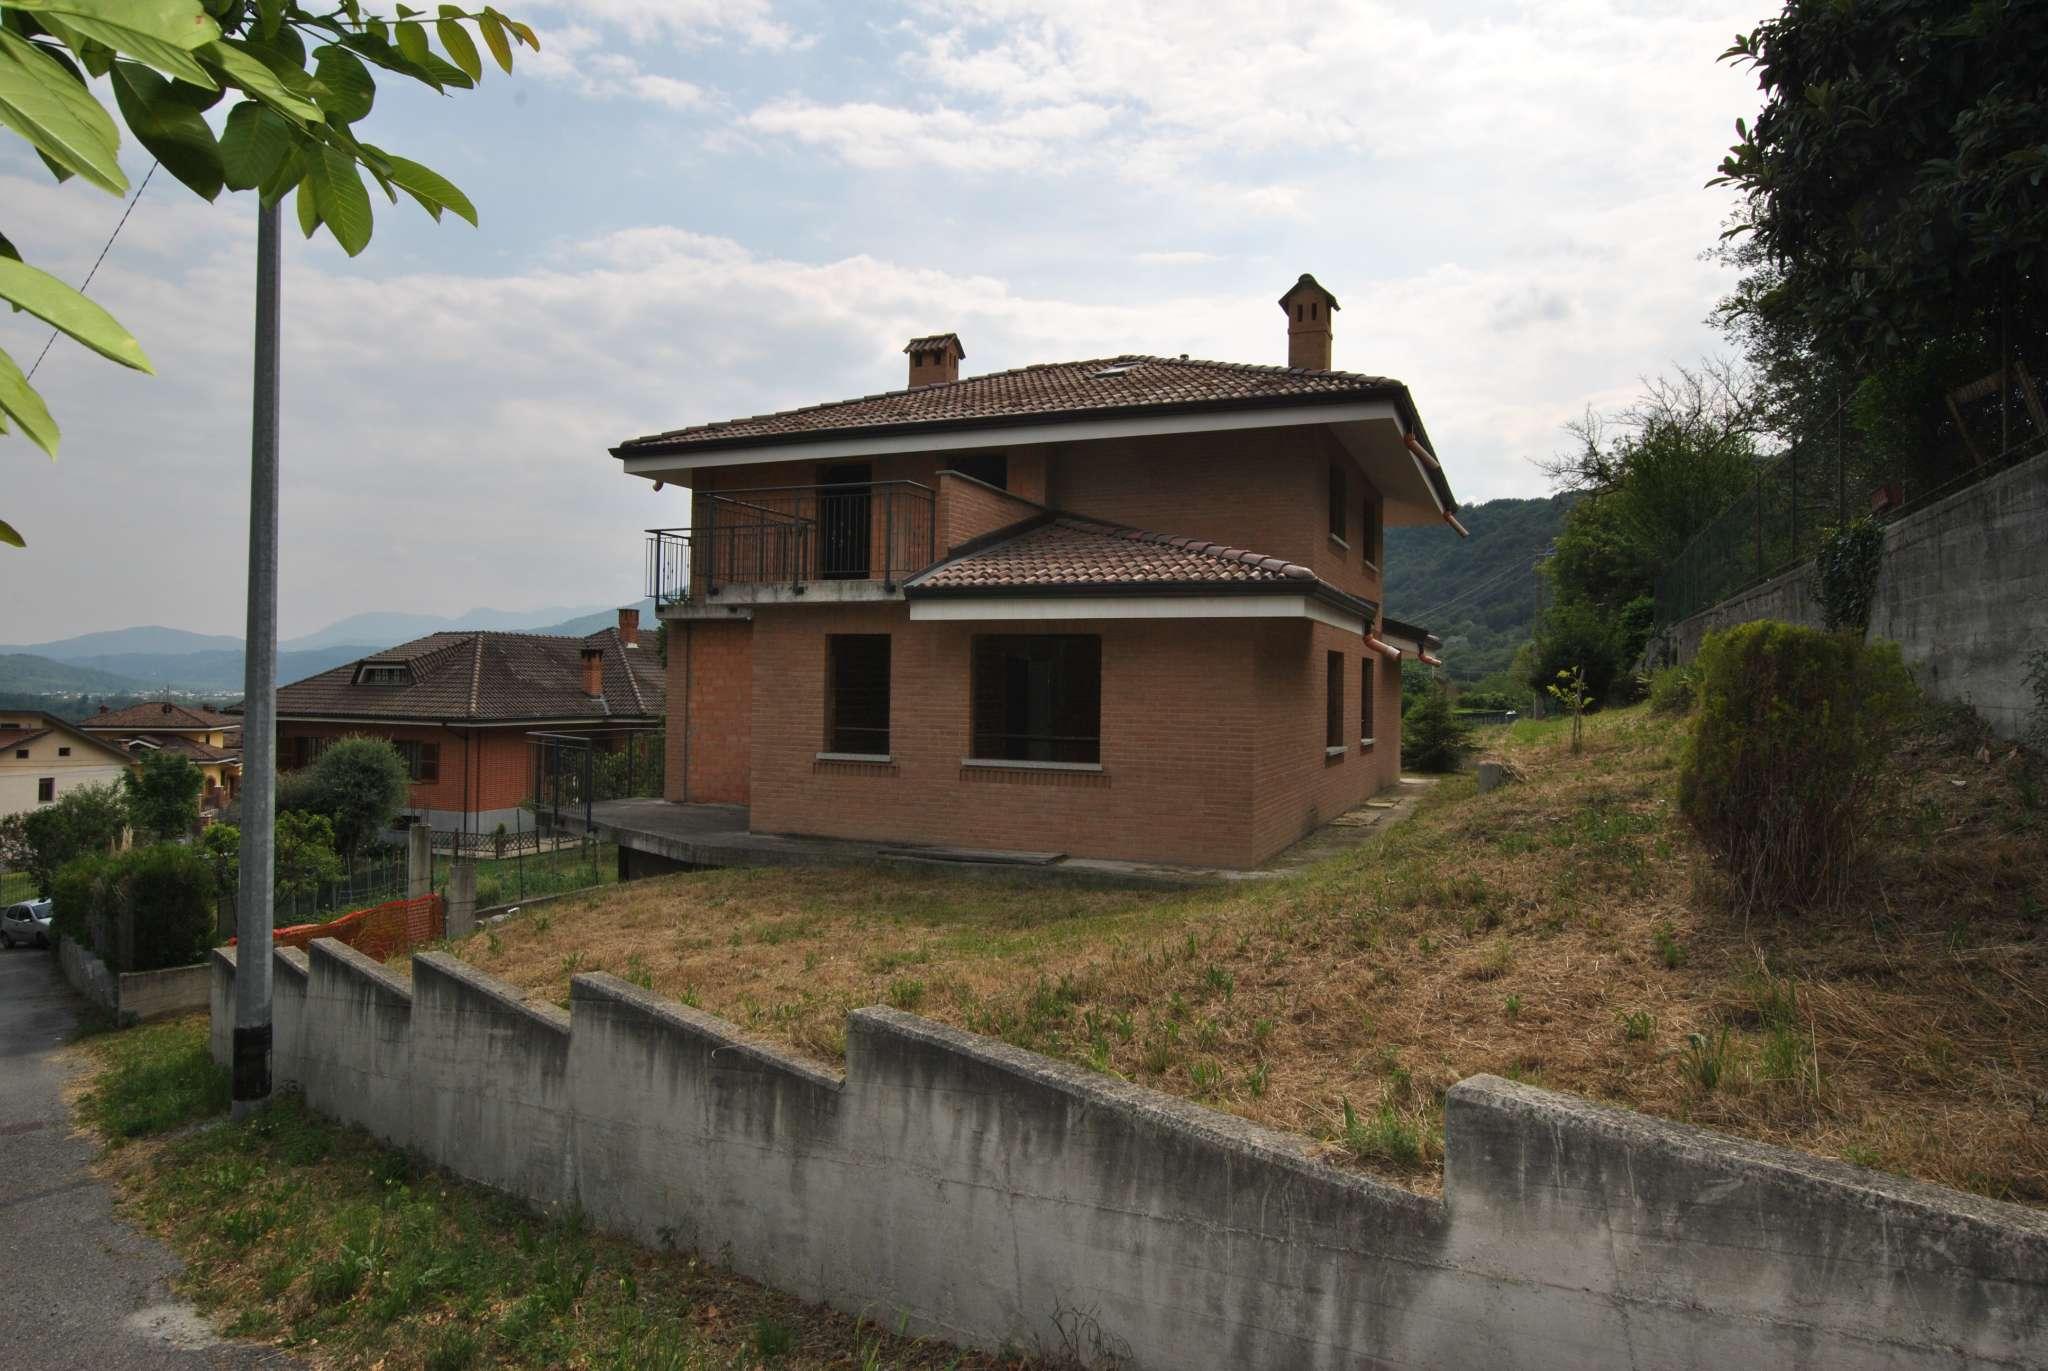 Villa Bifamiliare in vendita a Villar Dora, 5 locali, prezzo € 165.000   CambioCasa.it